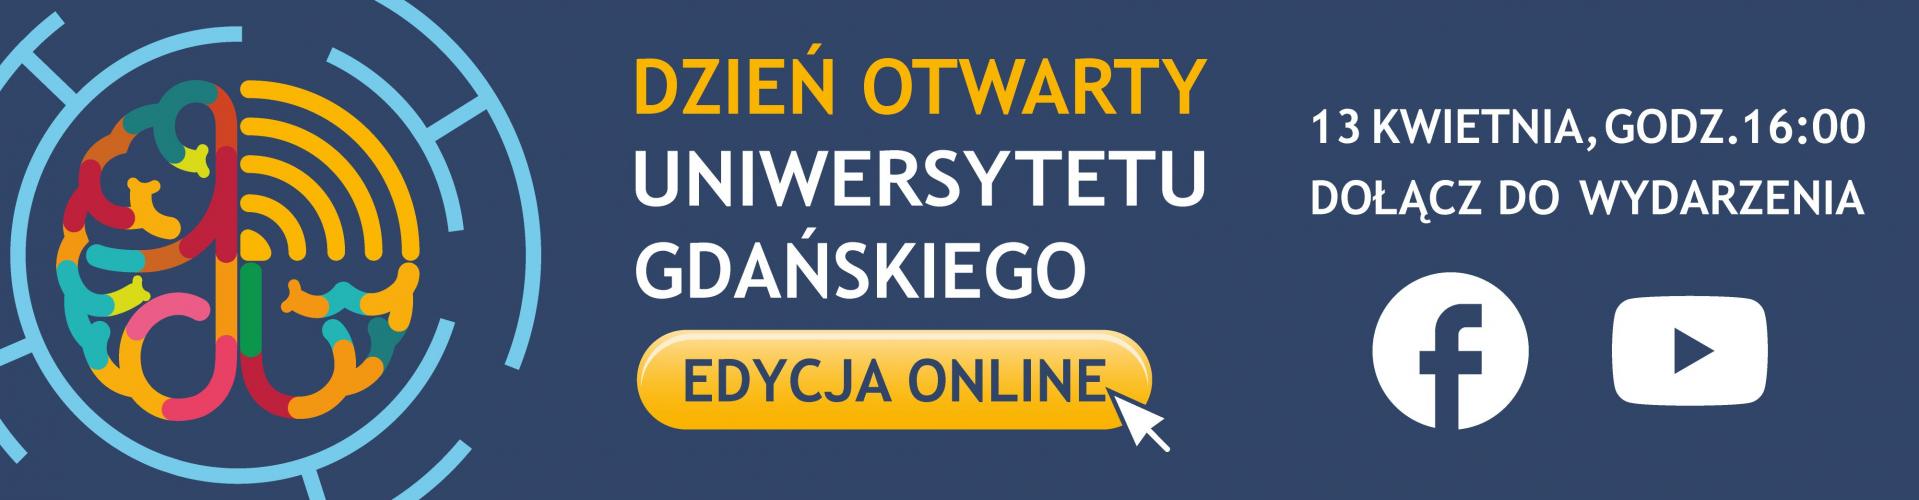 Dzień Otwarty UG online 13.04.2021